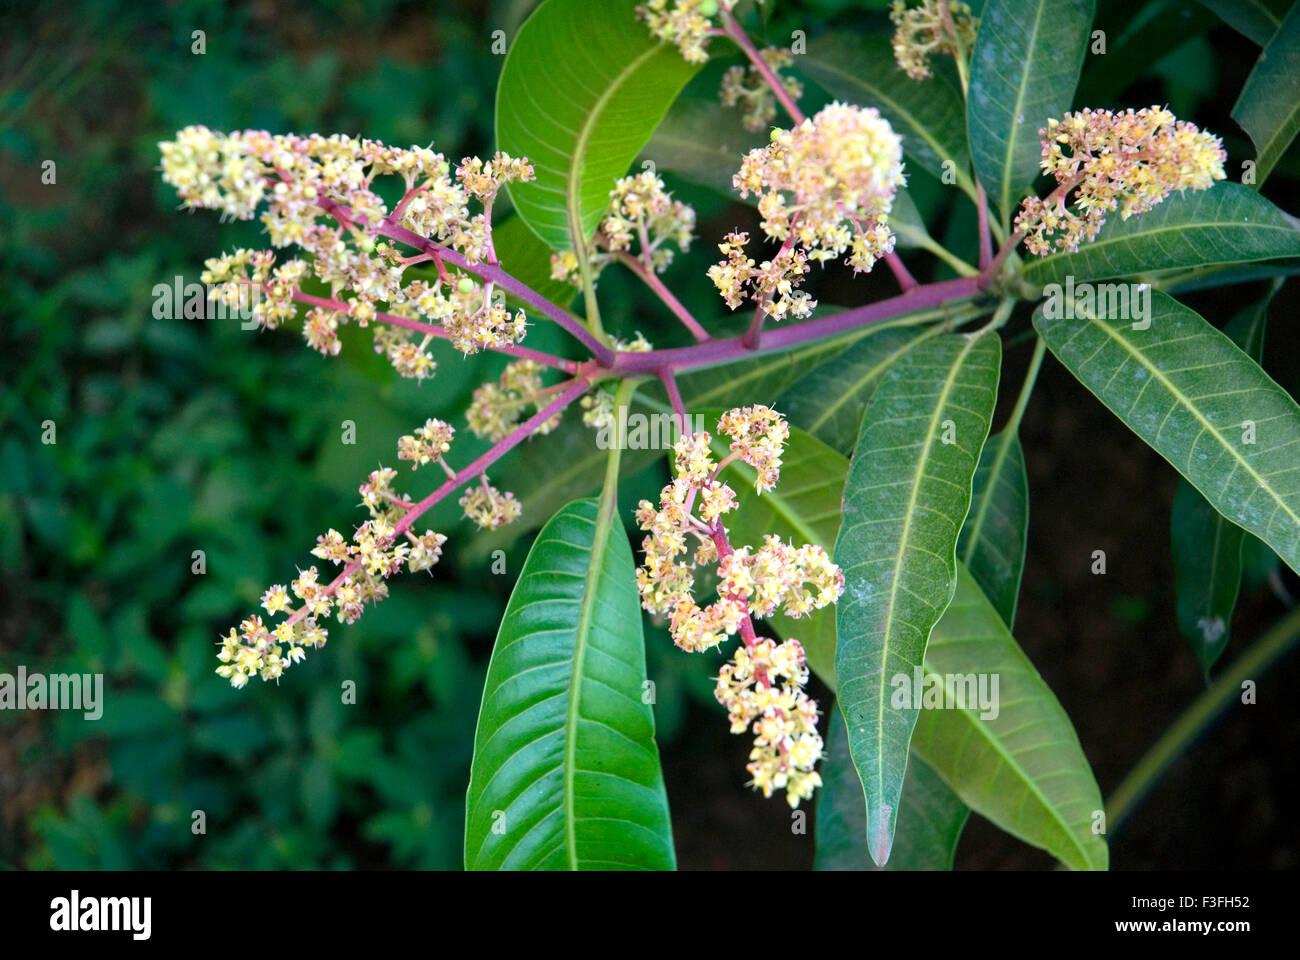 Manguier Mangifera indica nom latin; Photo Stock